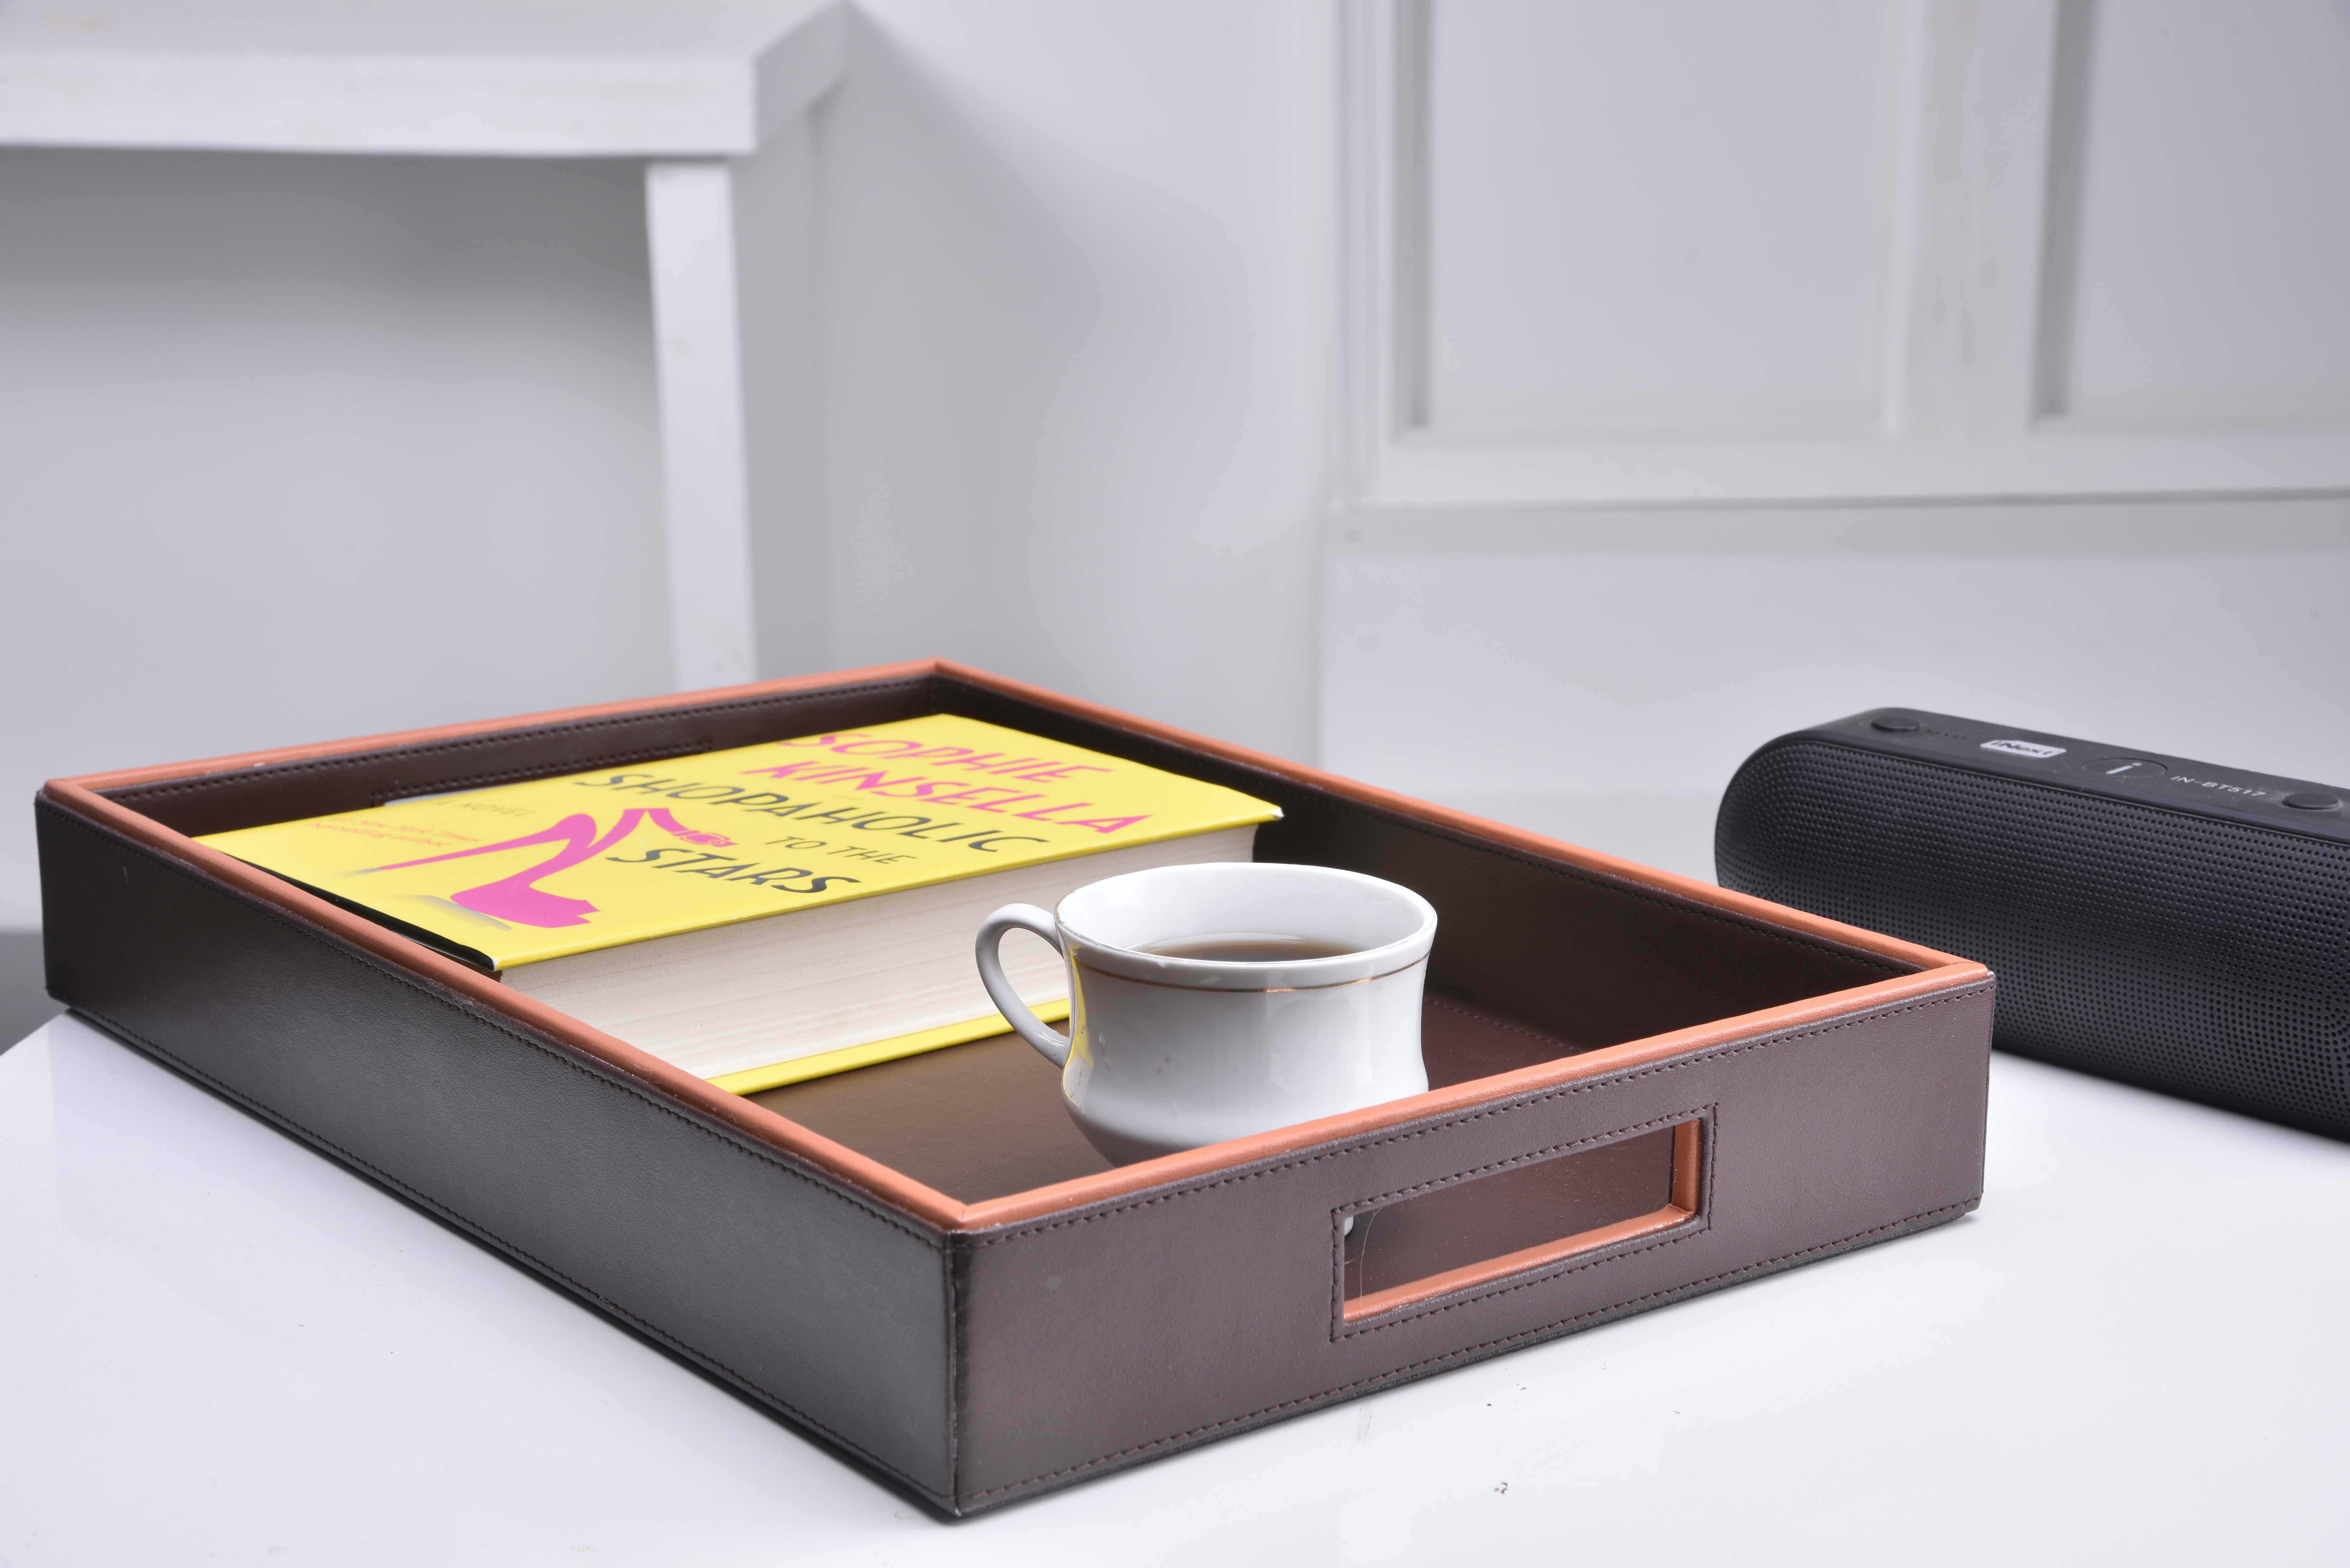 가죽 트레이, 노트북, 실내, 장식 트레이의 무료 스톡 사진